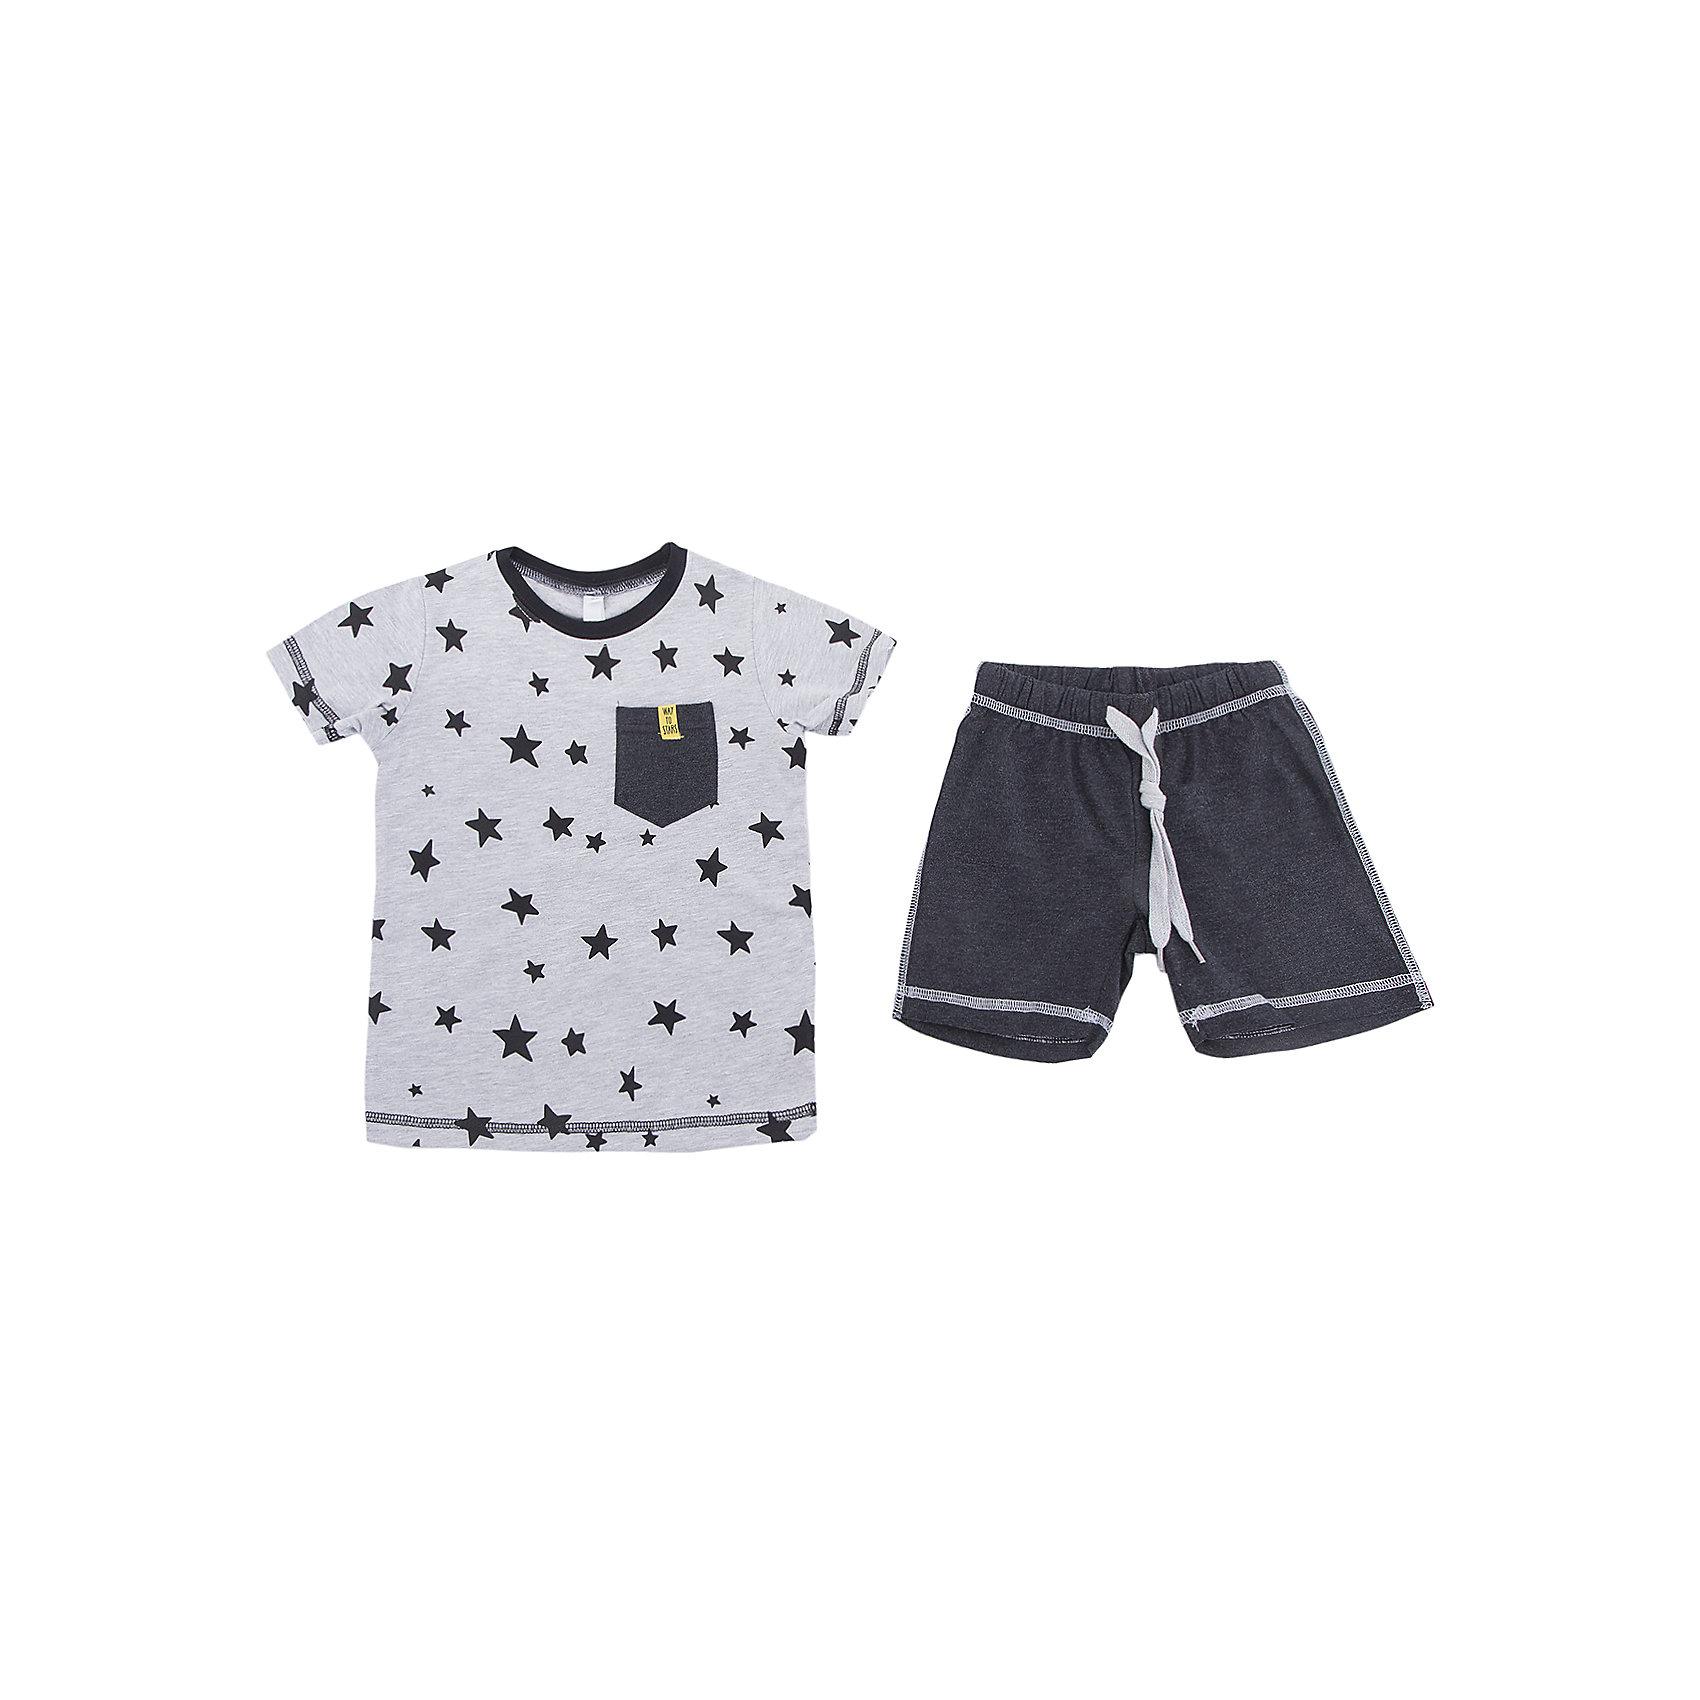 Комплект: футболка и шорты PlayToday для мальчикаКомплекты<br>Комплект: футболка и шорты PlayToday для мальчика<br>Комплект из футболки и шорт. Натуральный, приятный к телу материал не сковывает движений. Пояс шорт на широкой мягкой резинке, дополнен регулируемым шнуром - кулиской. Футболка из принтованной ткани, дополнена небольшим карманом на полочке.<br>Состав:<br>95% хлопок, 5% эластан<br><br>Ширина мм: 199<br>Глубина мм: 10<br>Высота мм: 161<br>Вес г: 151<br>Цвет: белый<br>Возраст от месяцев: 84<br>Возраст до месяцев: 96<br>Пол: Мужской<br>Возраст: Детский<br>Размер: 128,98,104,110,116,122<br>SKU: 7111525